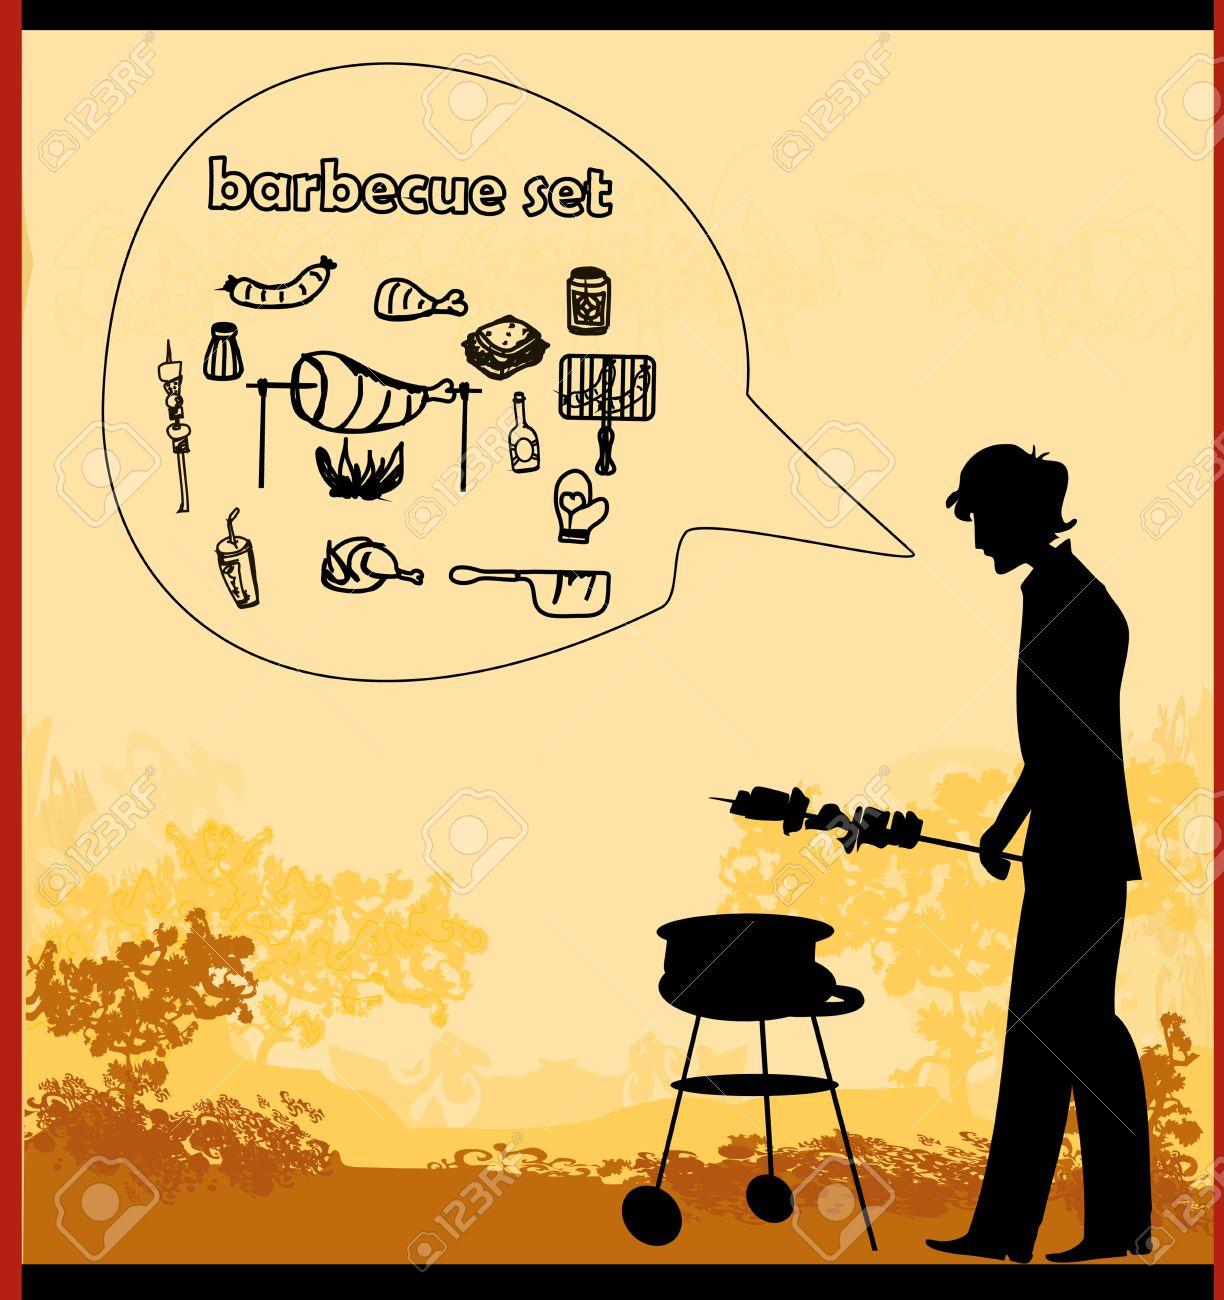 mann kochen auf seinem grill-einladung lizenzfrei nutzbare, Einladung